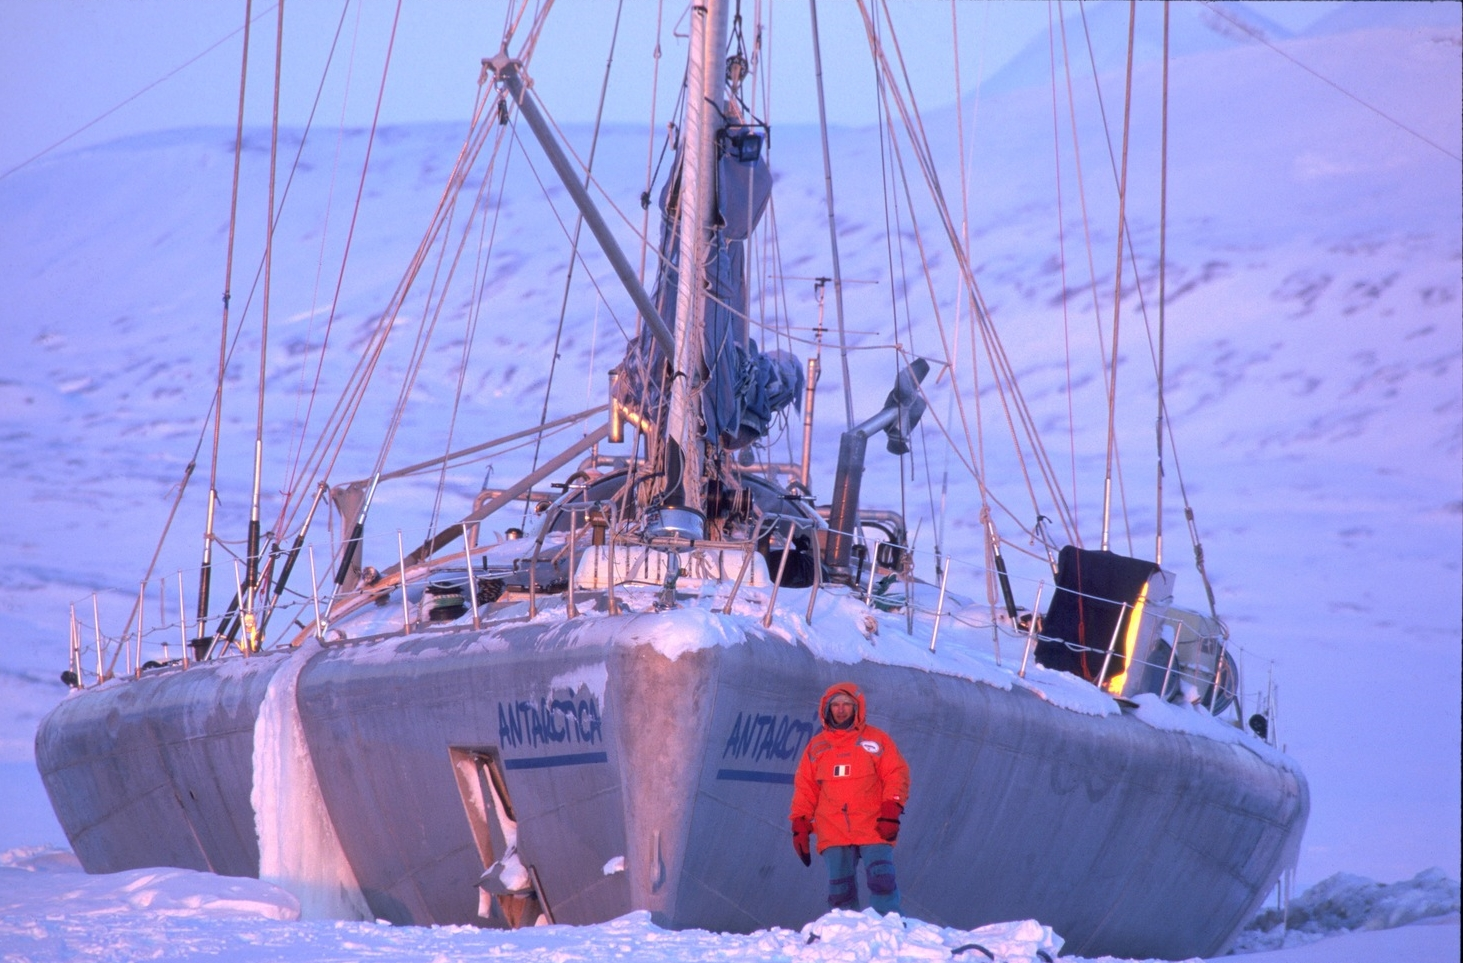 Trans-Antarctica communications ship, built by Jean-Louis Etienne. Photo © Francis Latreille